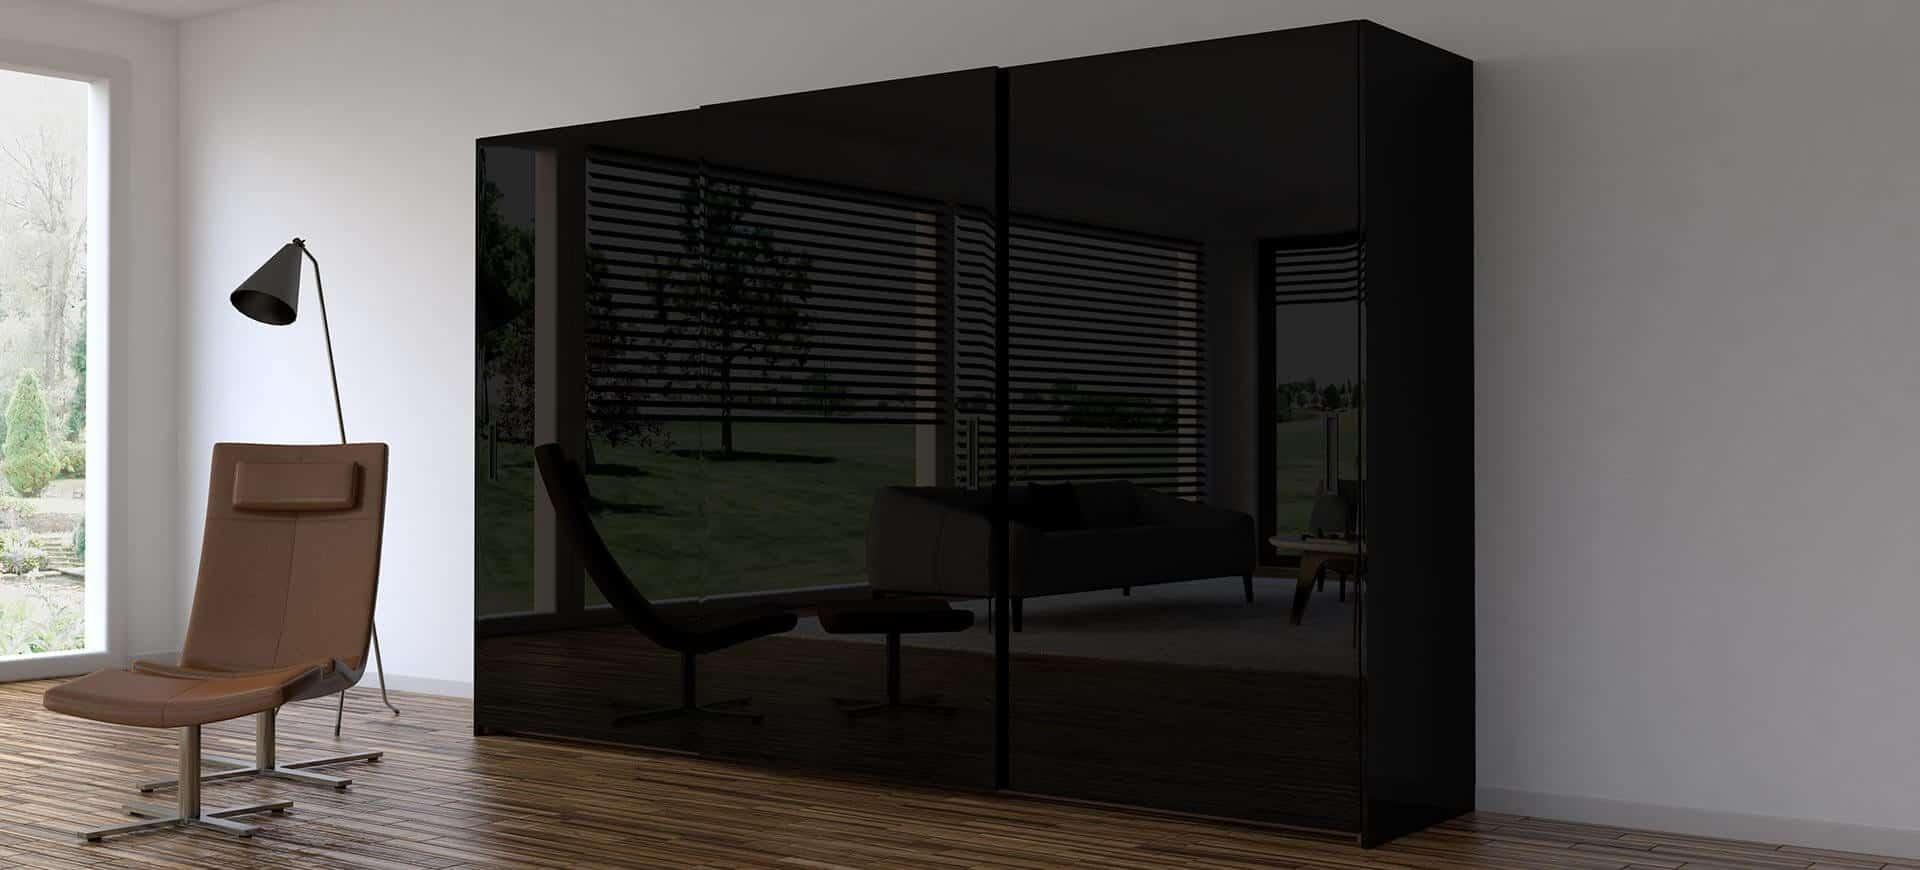 Dark colored glass cupboard